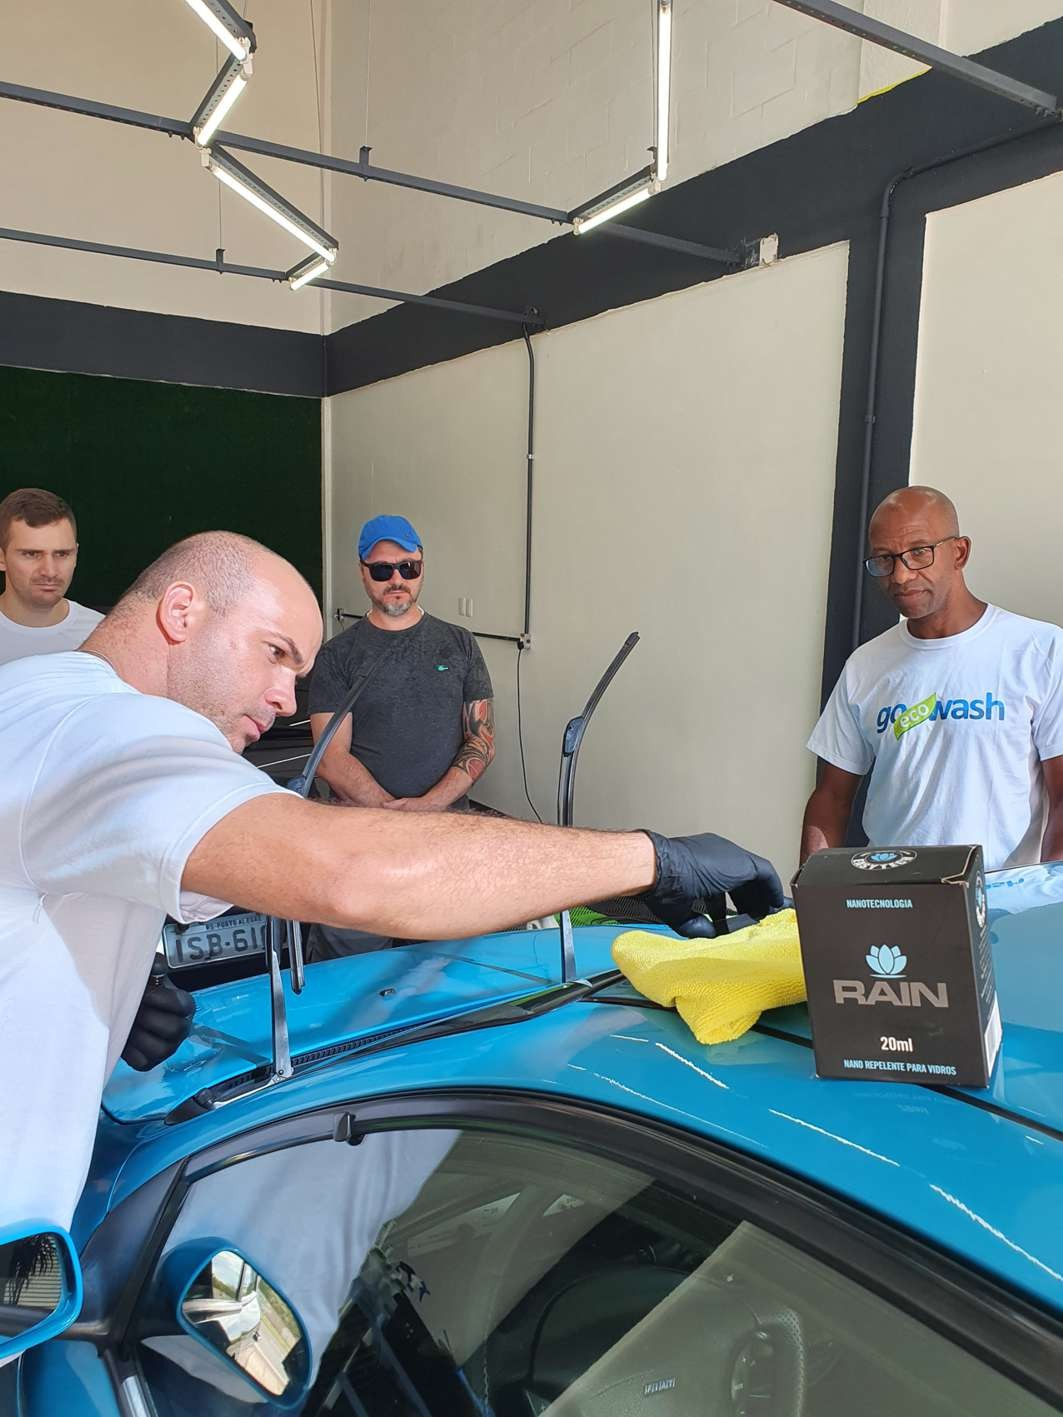 Curso Estética Automotiva + Higienziação de Estofados + Polimento e Vitrificação  - Loja Go Eco Wash